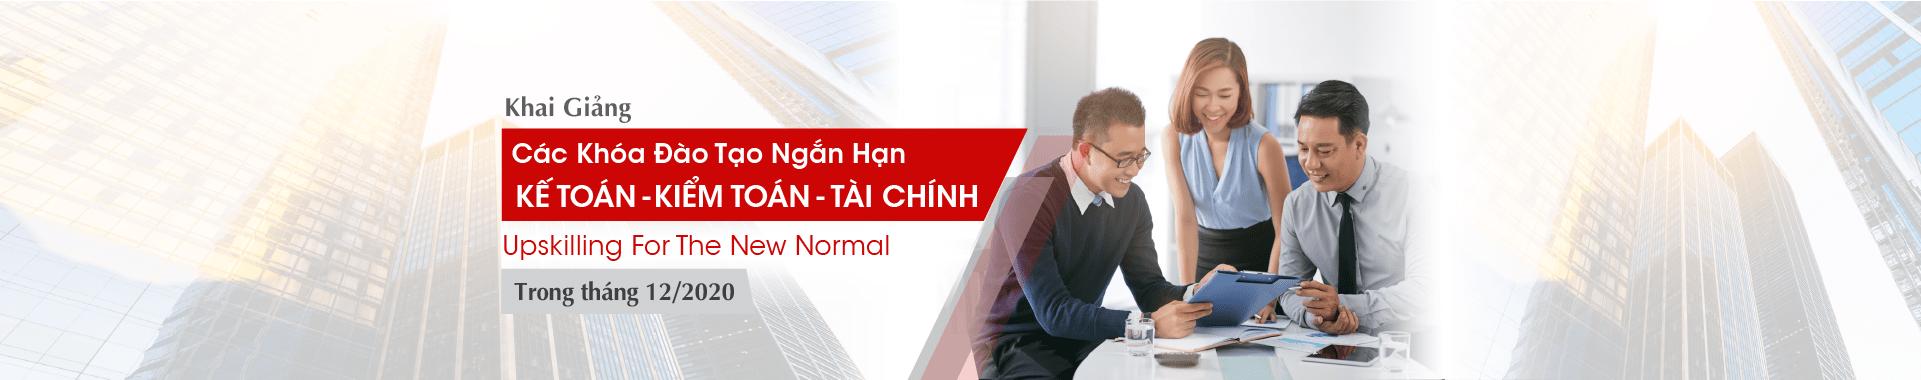 khoa-ke-toan-kiem-toan-tai-chinh-ngan-han-tai-smart-train